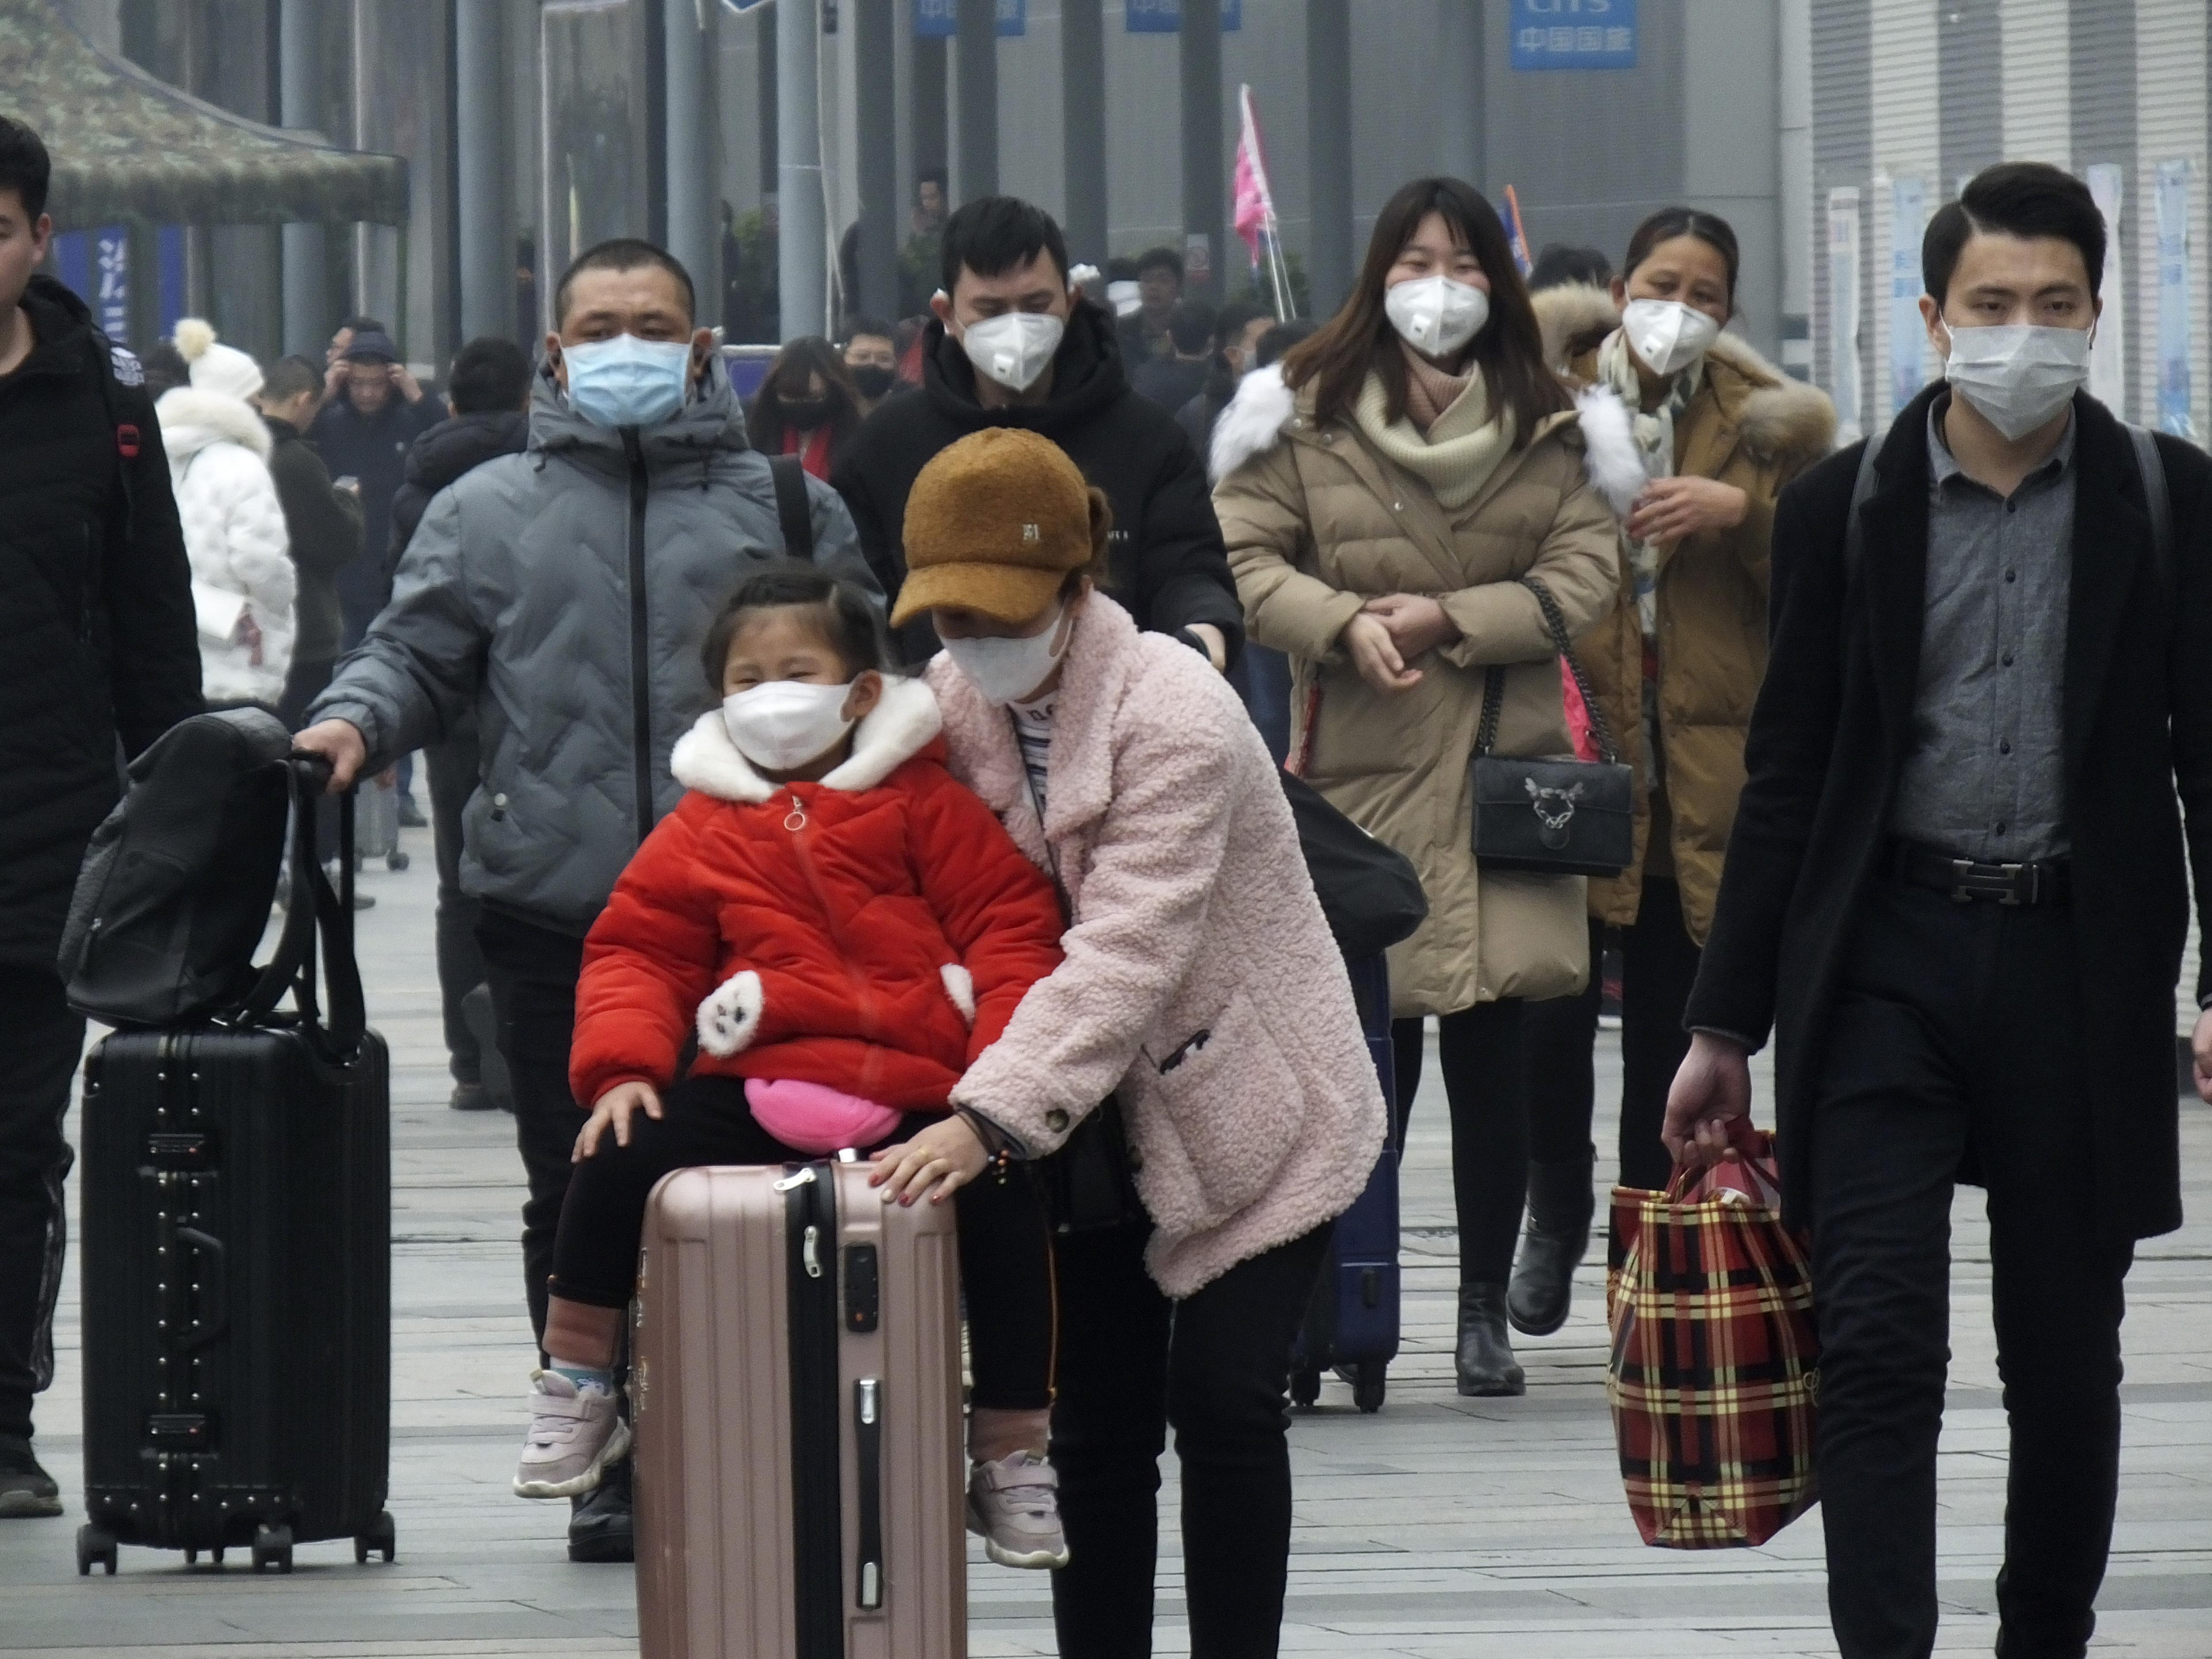 Las máscaras faciales se agotaron y los controles de temperatura en los aeropuertos y estaciones de tren se convirtieron en la nueva norma, ya que China se esforzó el martes por controlar el brote de un nuevo virus que ha llegado a otros cuatro países y territorios y amenaza con propagarse aún más durante la fiebre de los viajes del Año Nuevo Lunar. (Chinatopix a través de AP)